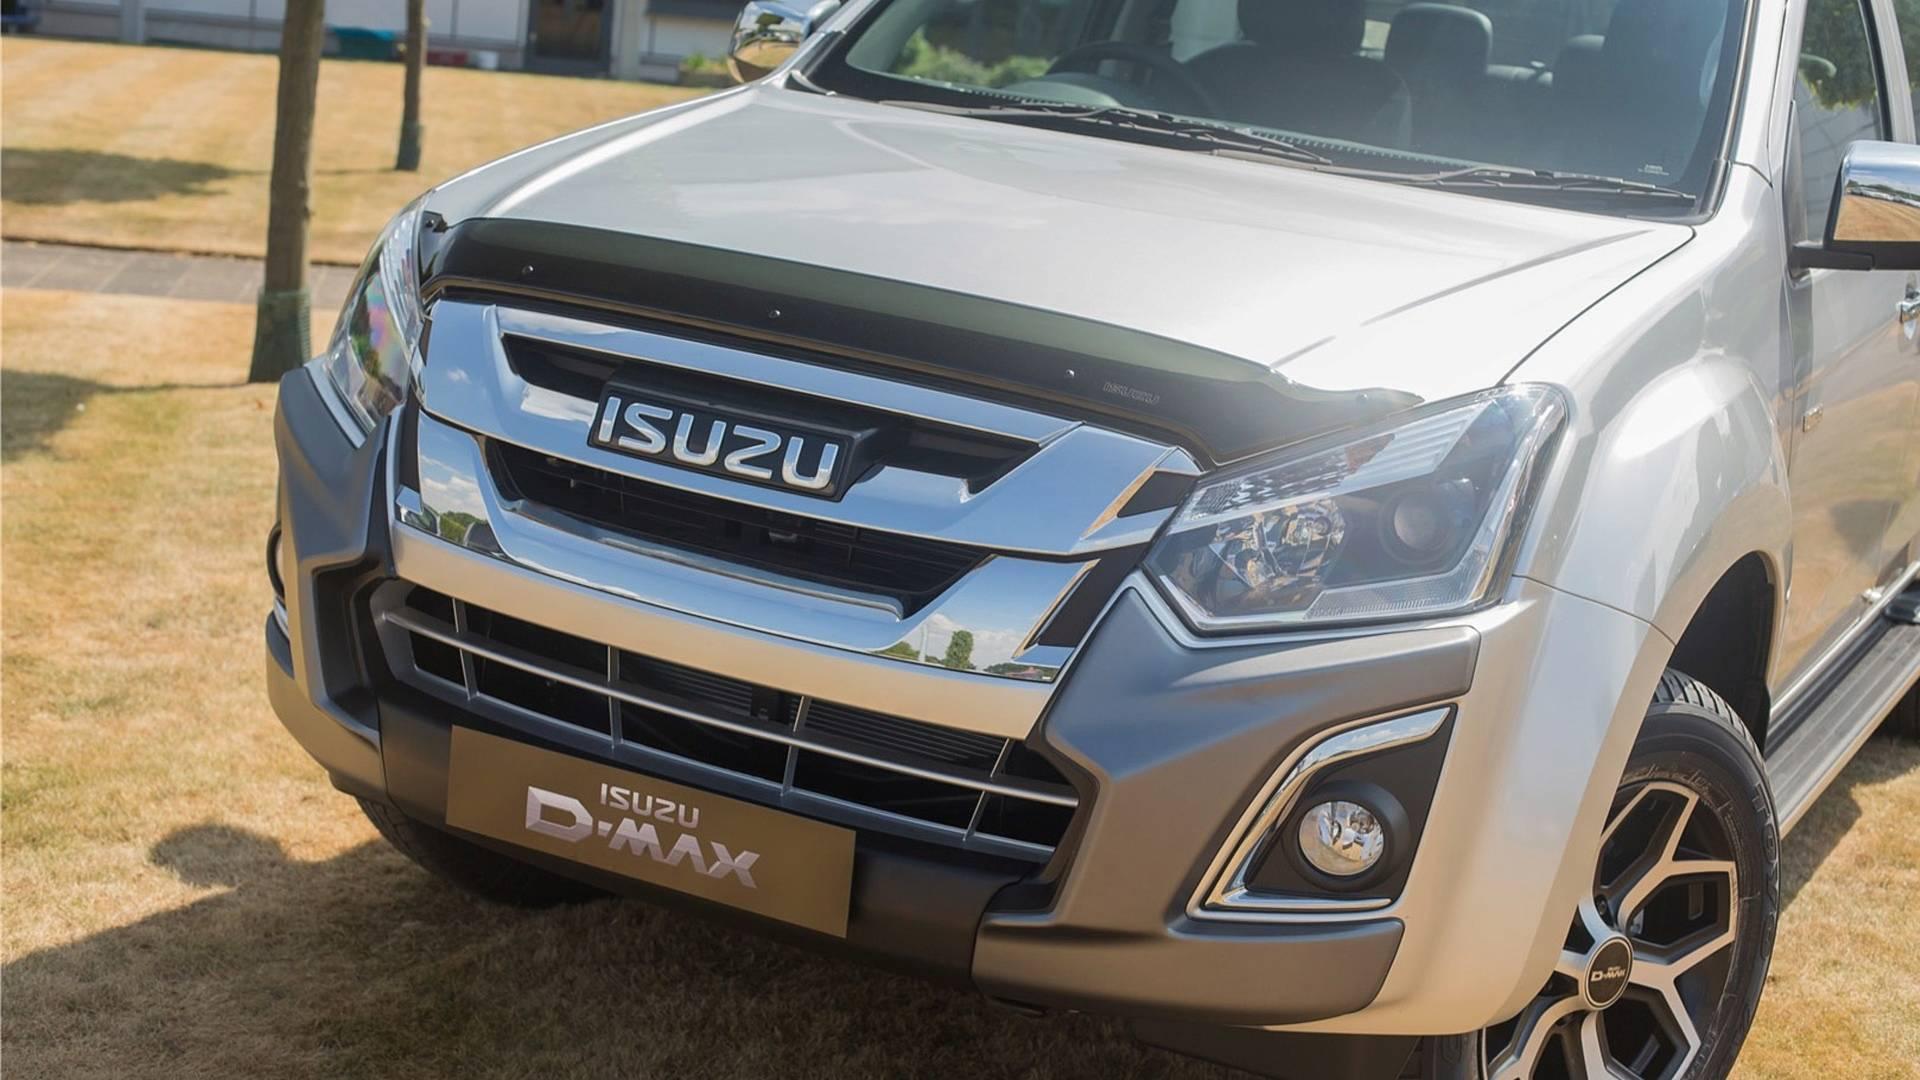 2018-isuzu-d-max-utah-luxe-double-cab (4)